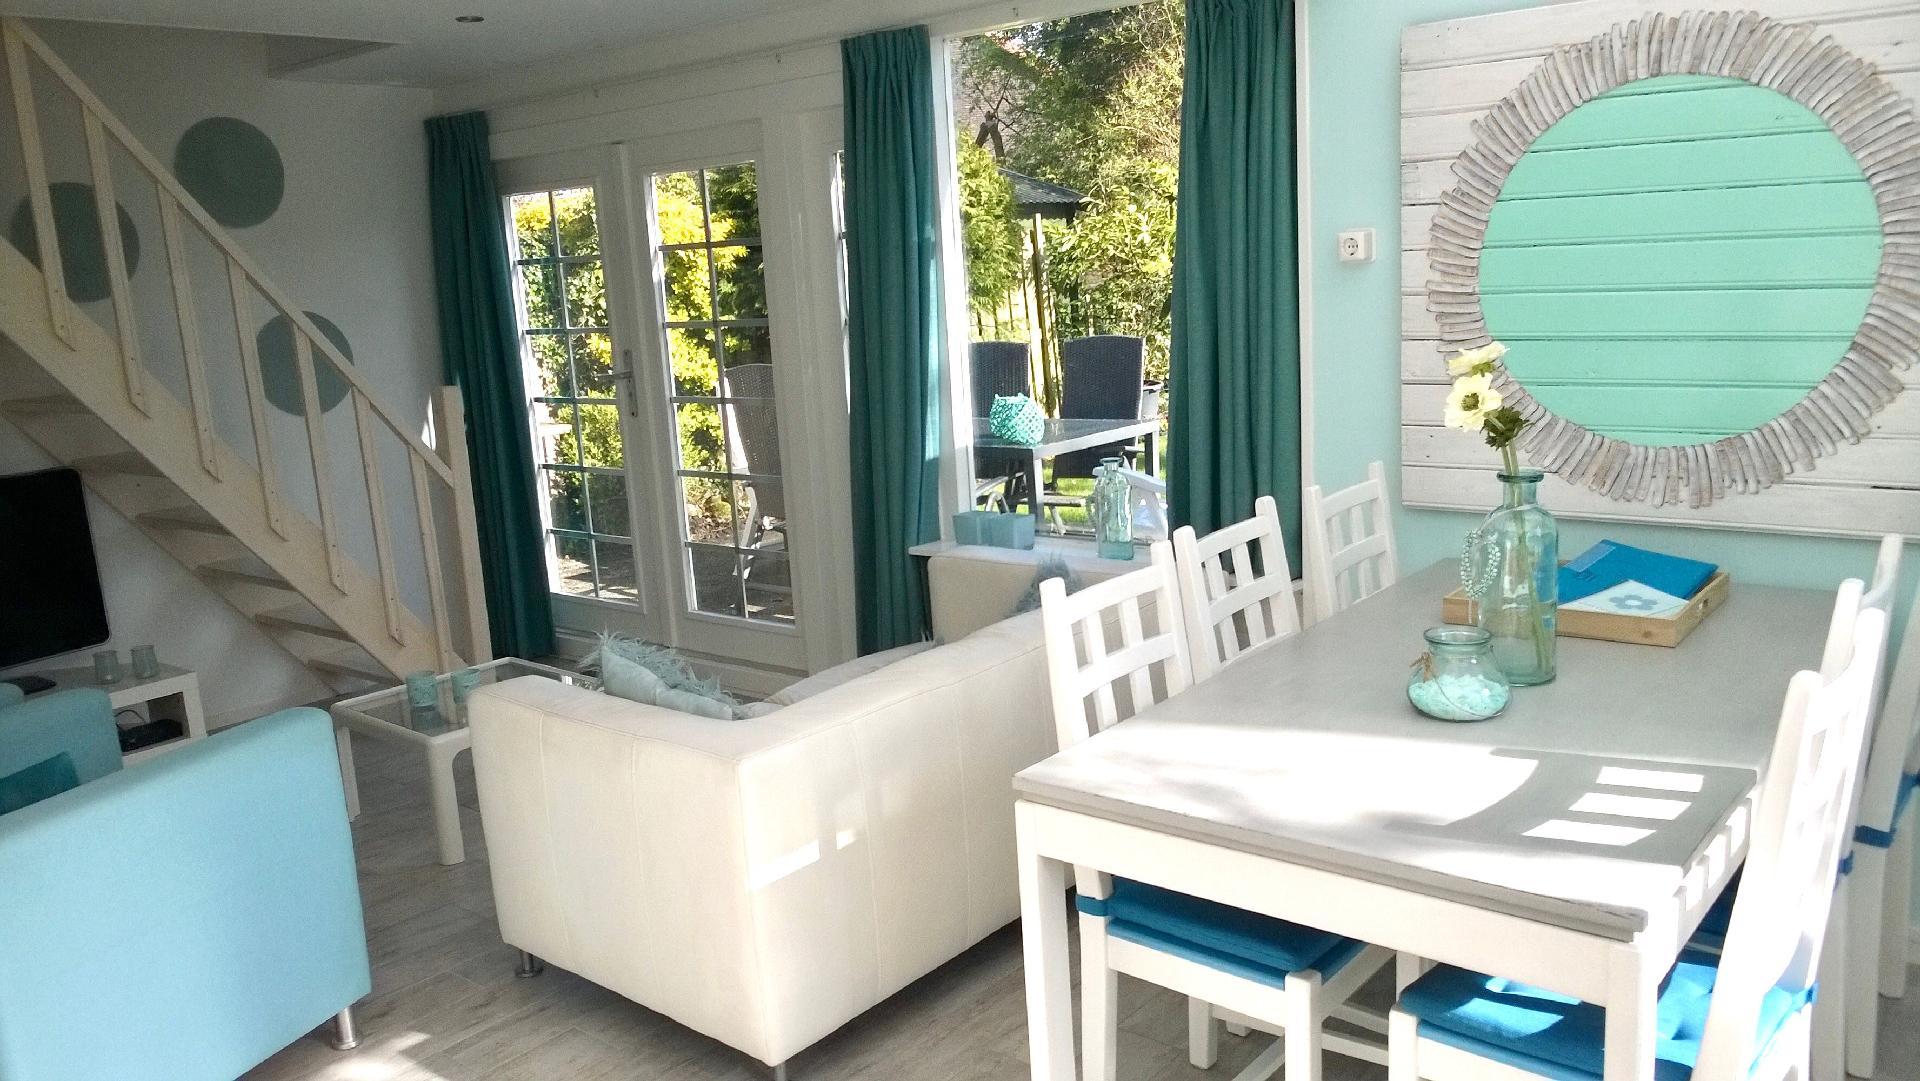 Ferienhaus für 6 Personen ca 80 m² in Stavenisse Zeeland Küste von Zeeland